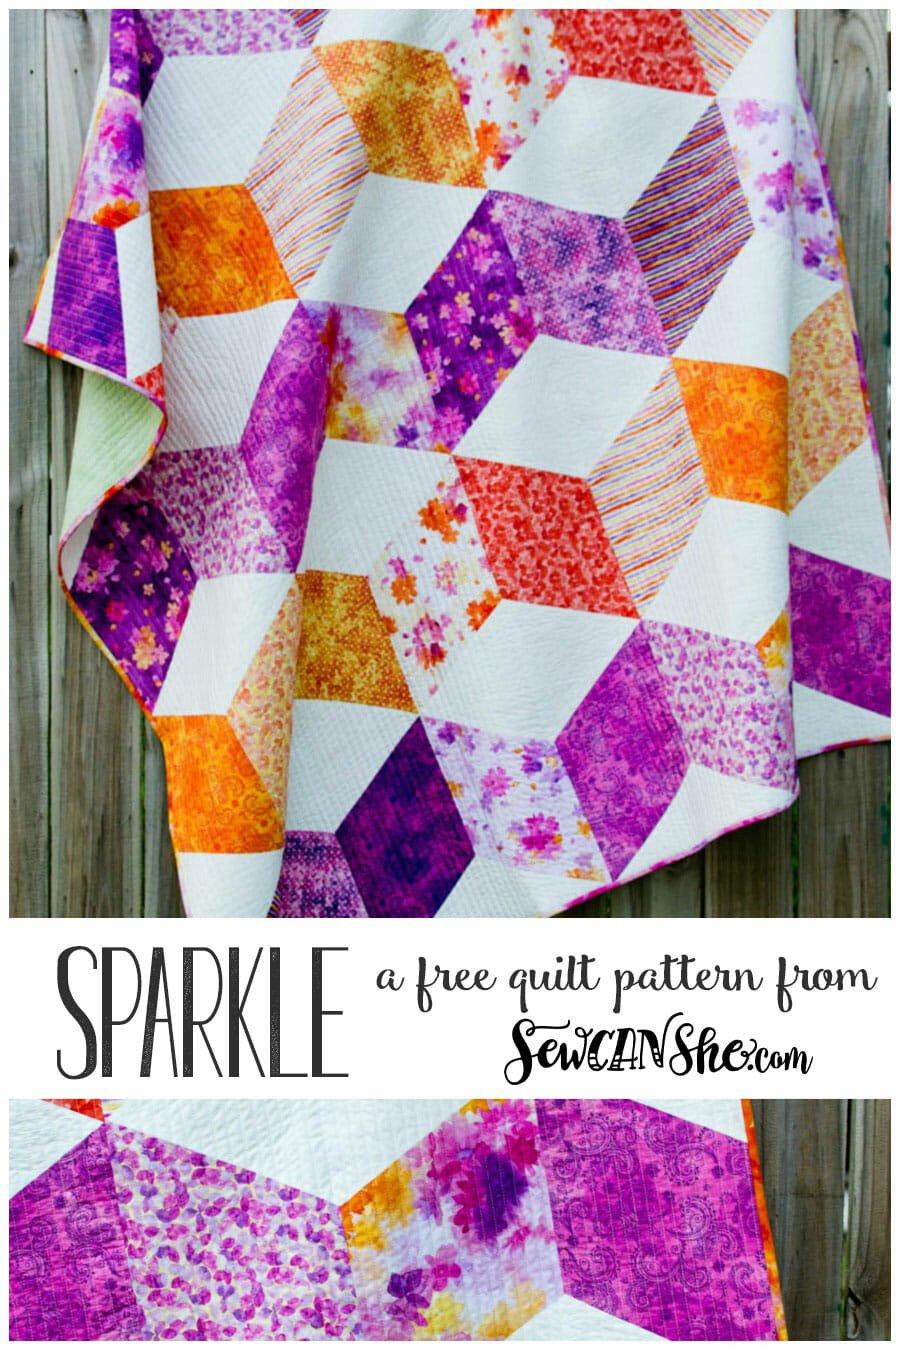 Sparkle-free-quilt-pattern.jpg